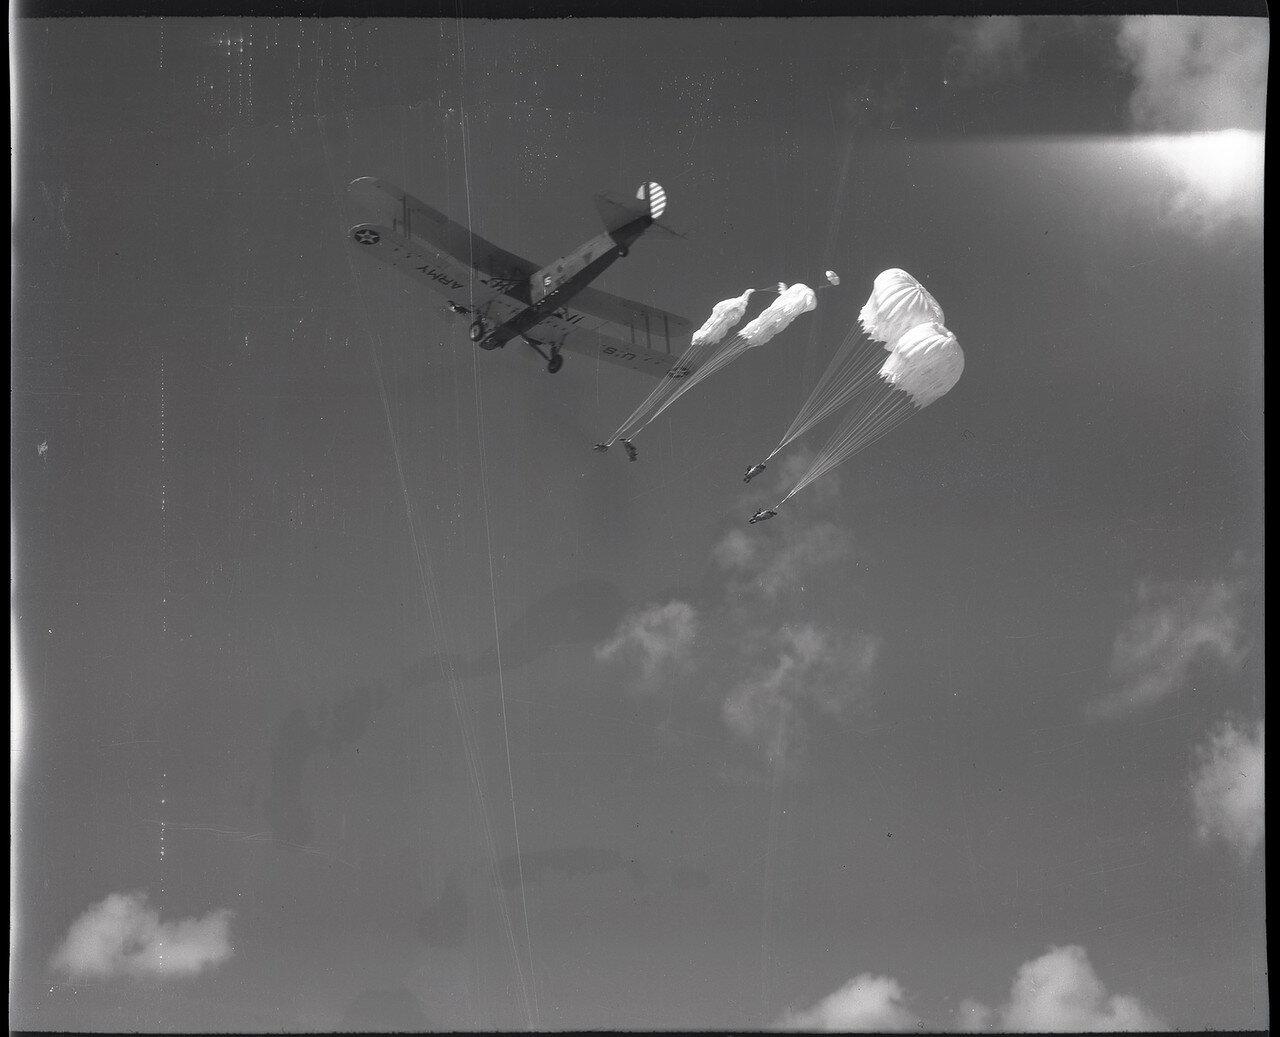 09. Манекены на парашютах сброшенные из бомбардировщика B-3A